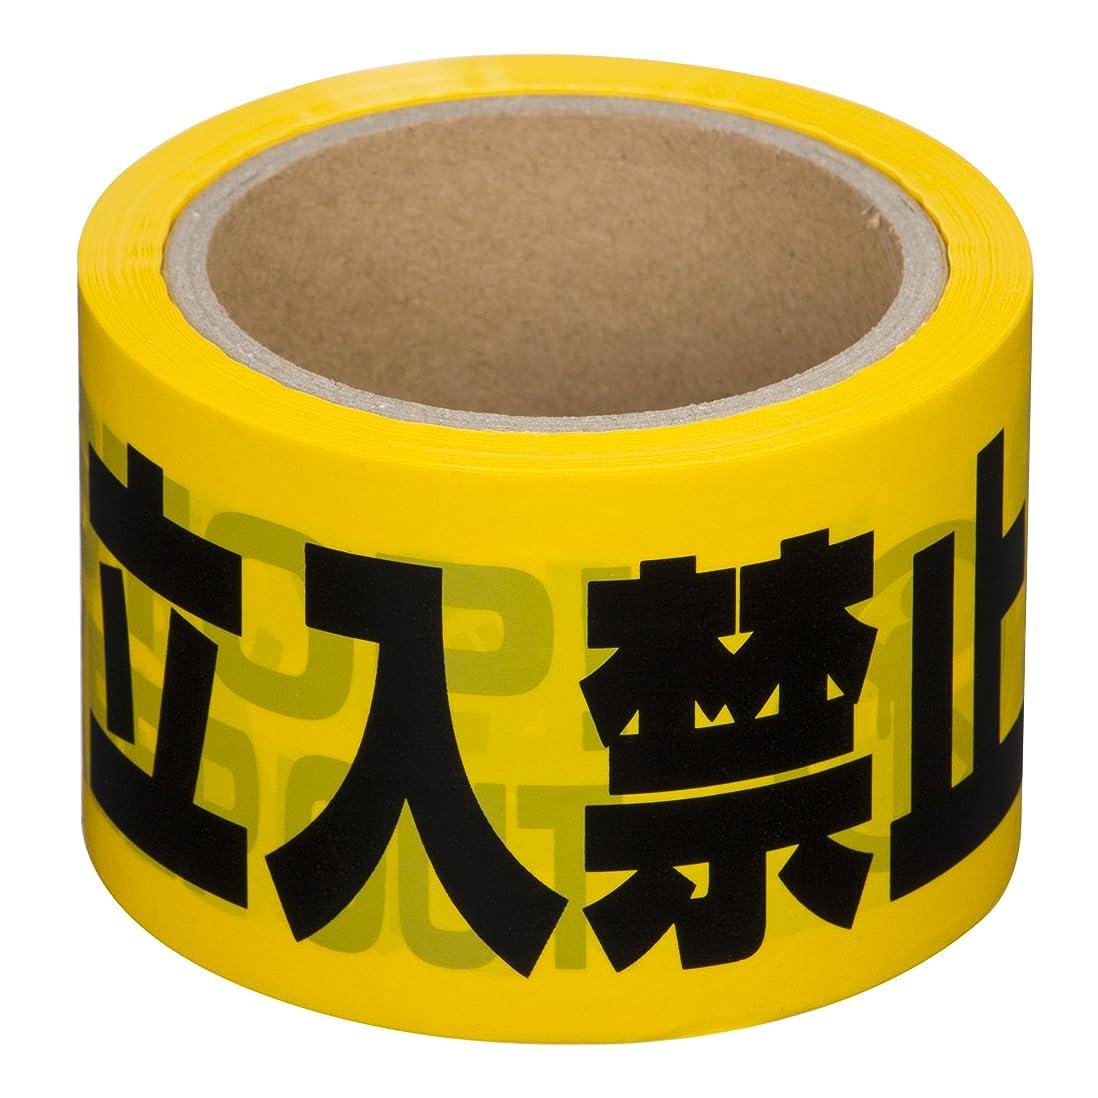 オリエンギアー(Oriengear) 立ち入り禁止 テープ 危険表示テープ 黄黒 50m